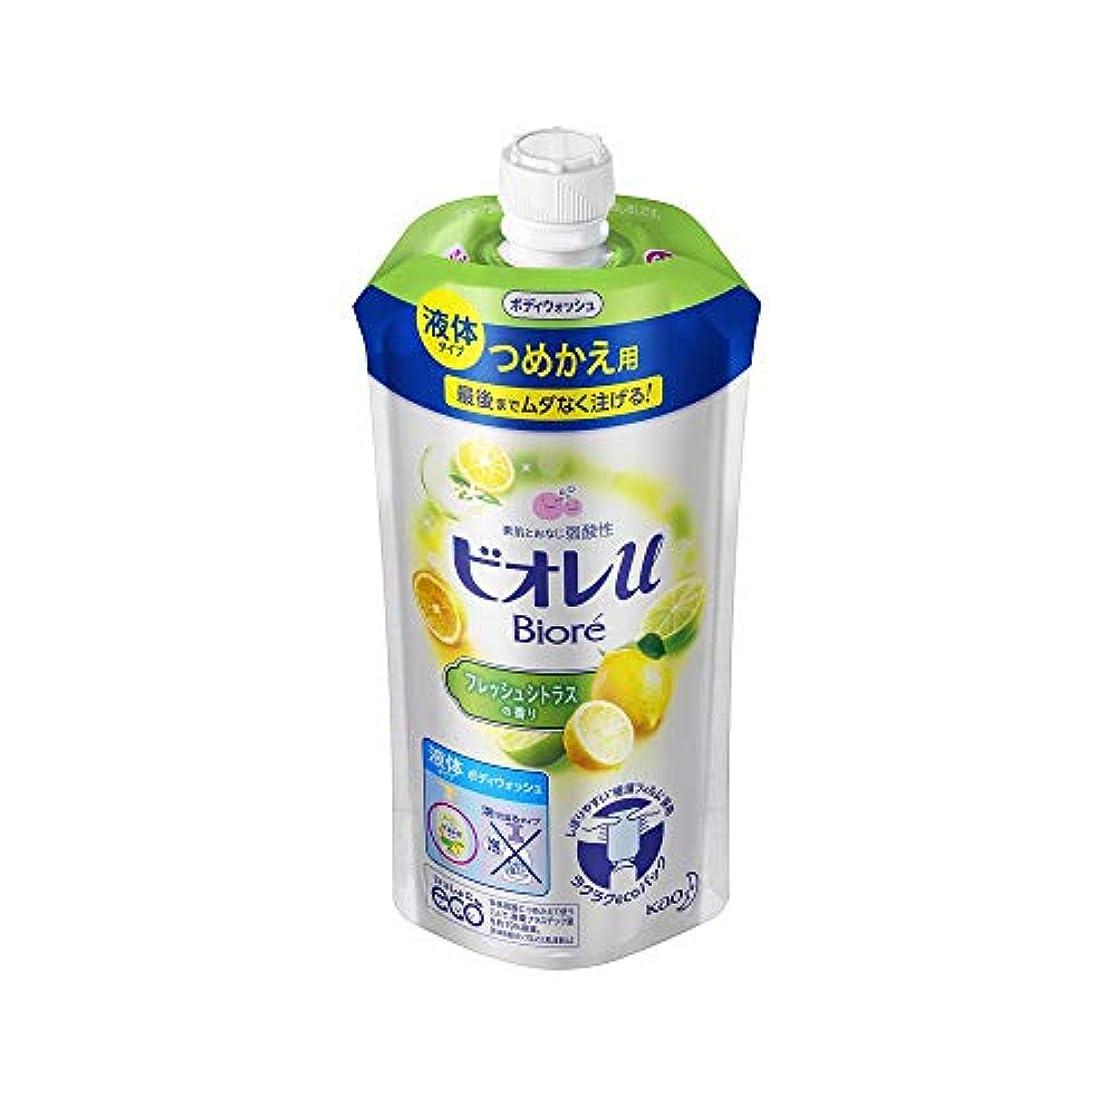 後継振動するなんでも花王 ビオレu フレッシュシトラスの香りつめかえ用 340ML